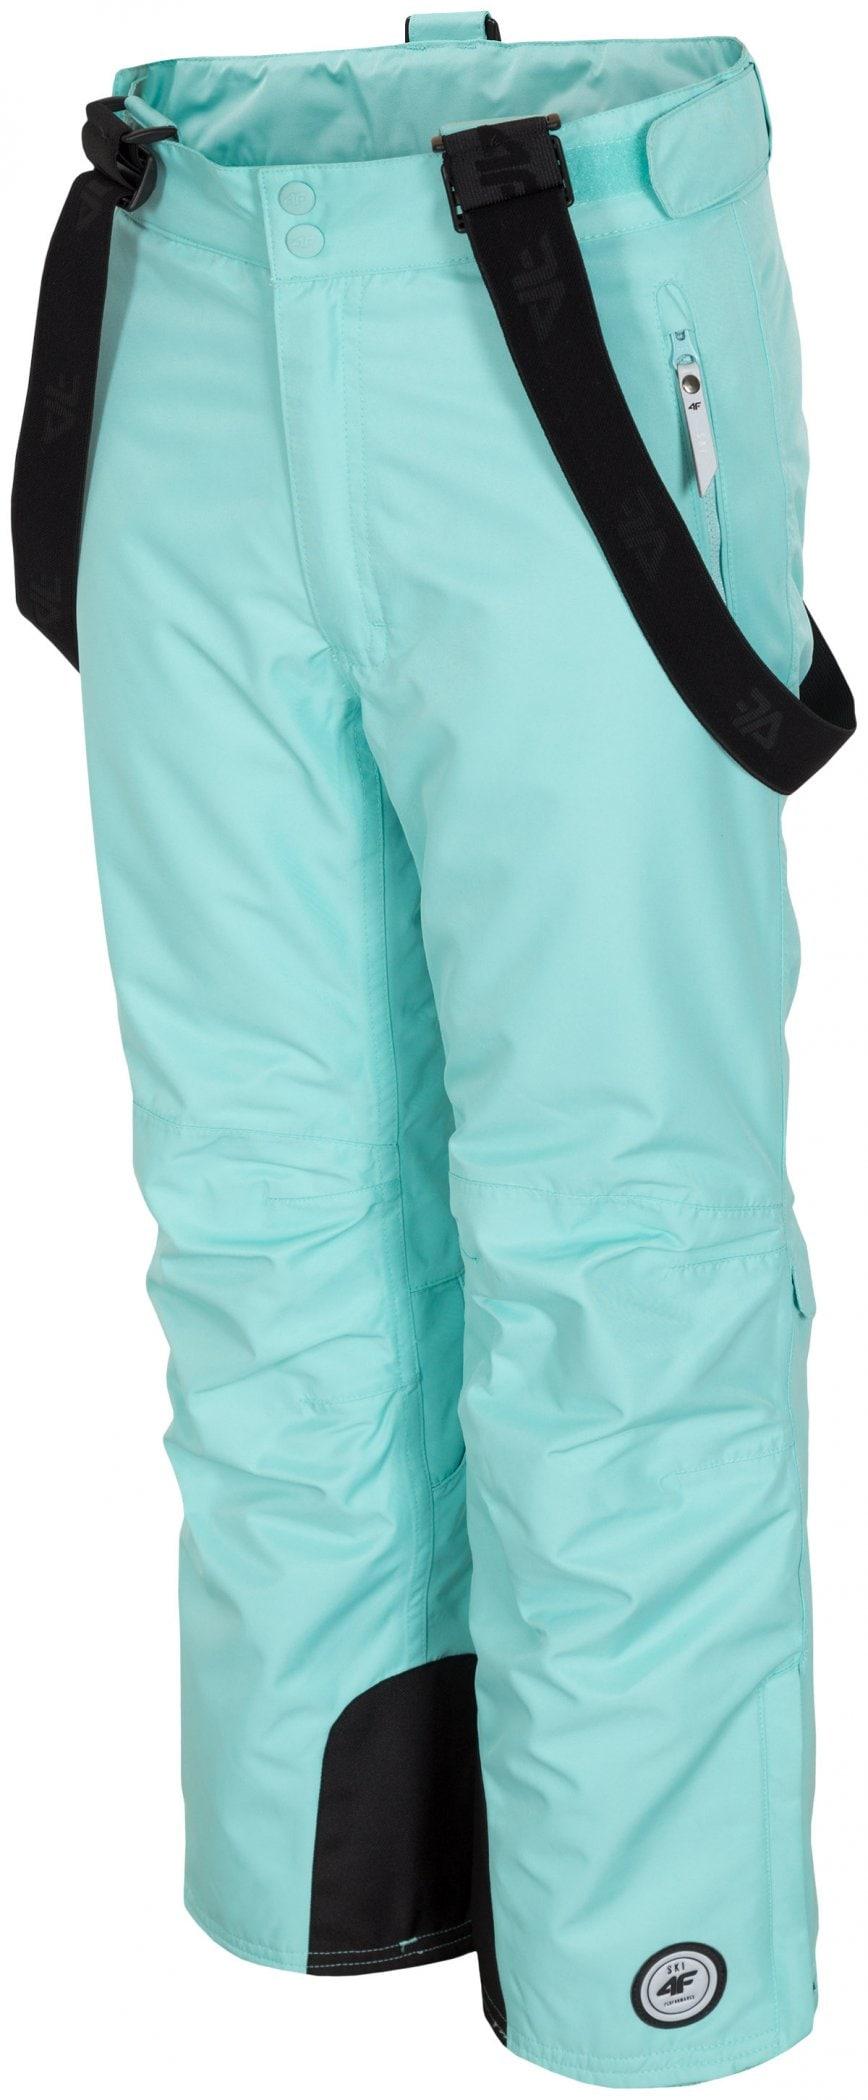 Spodnie narciarskie dla dużych dziewcząt JSPDN402z miętowy